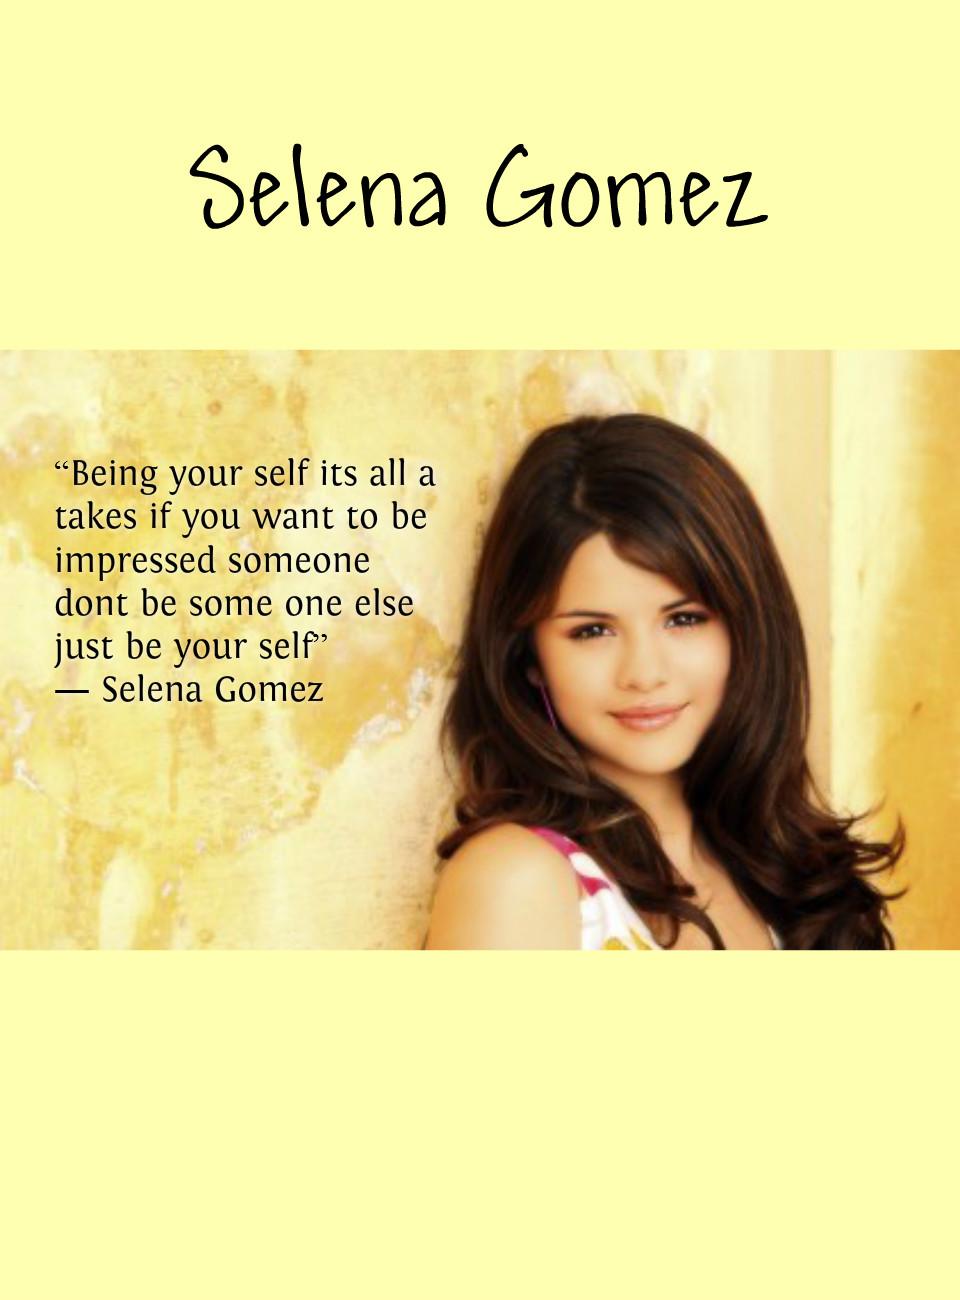 Selena Gomez's quote #8